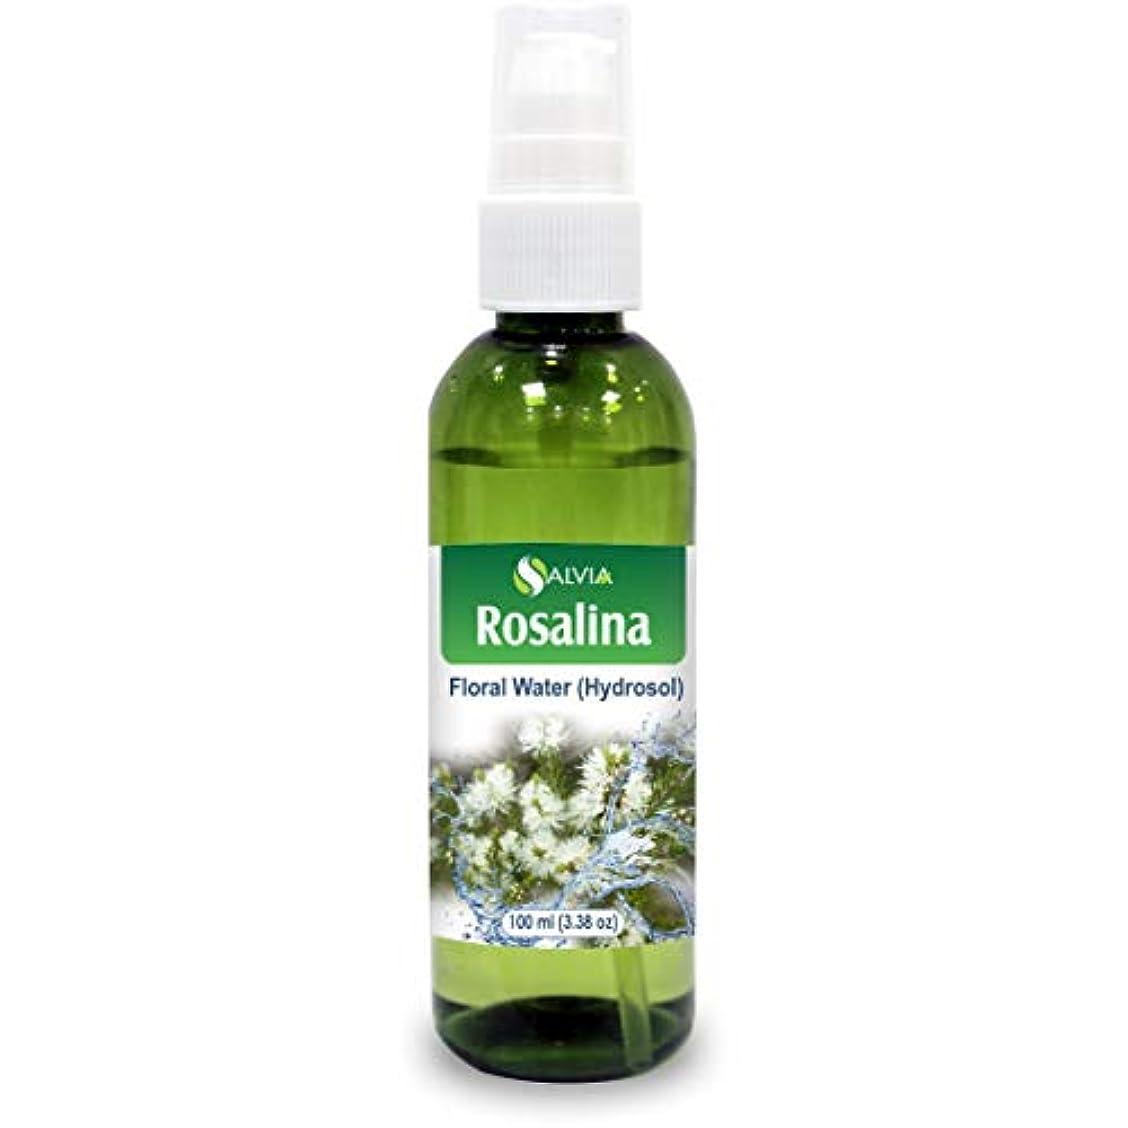 パトロン組ガラスRosalina Oil Floral Water 100ml (Hydrosol) 100% Pure And Natural